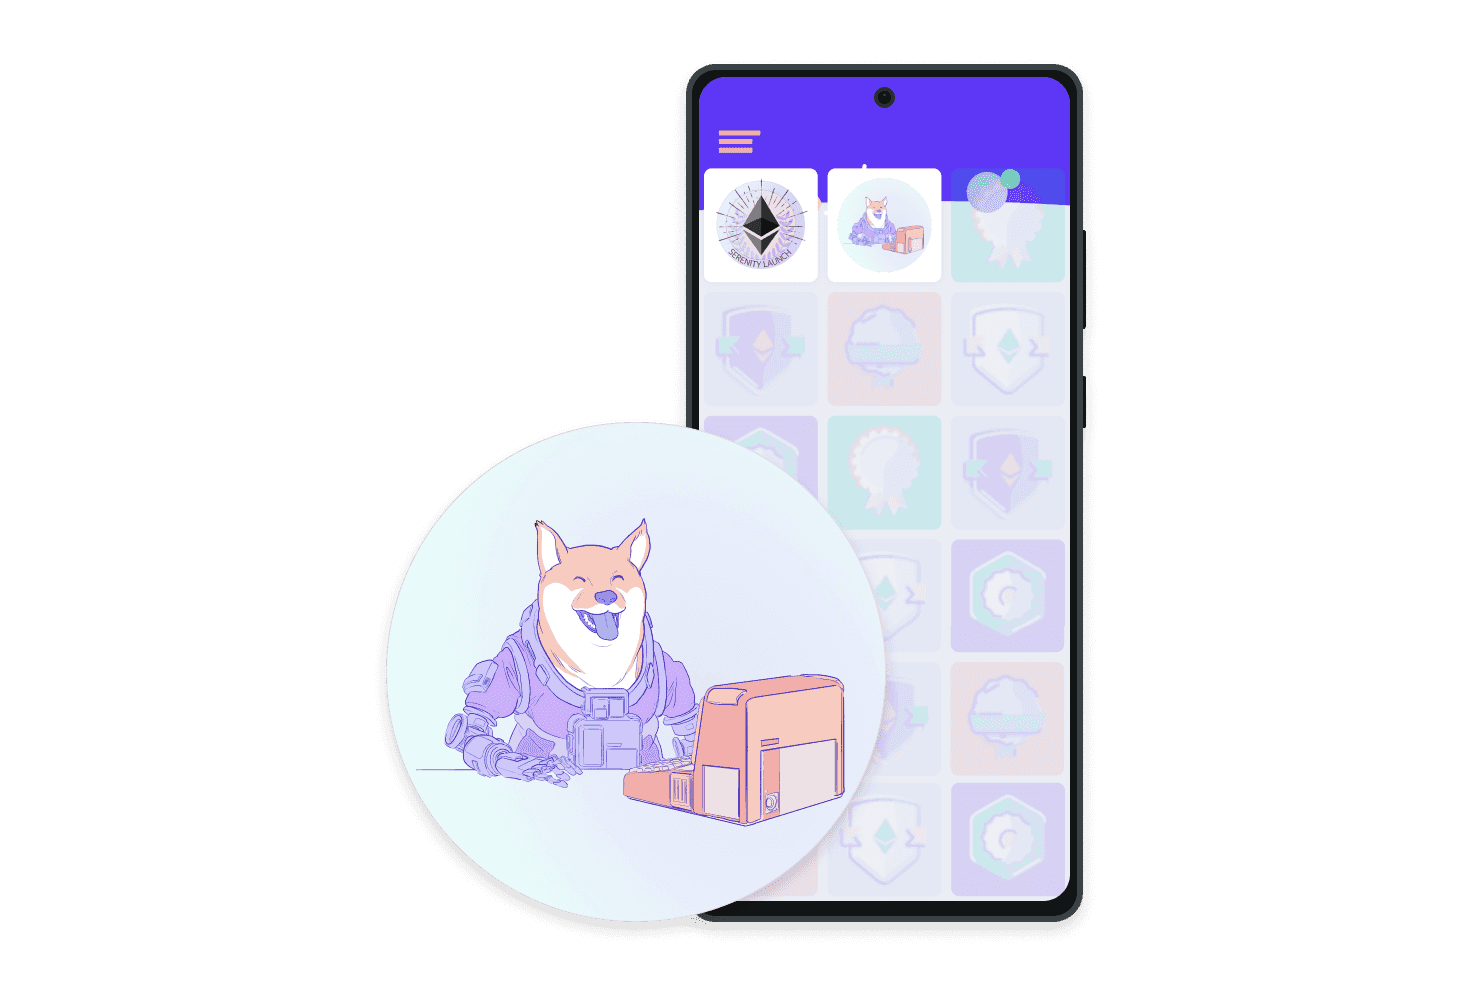 Hogyan változtatja meg a blockchain technológia az ingatlant? - Android - 2021